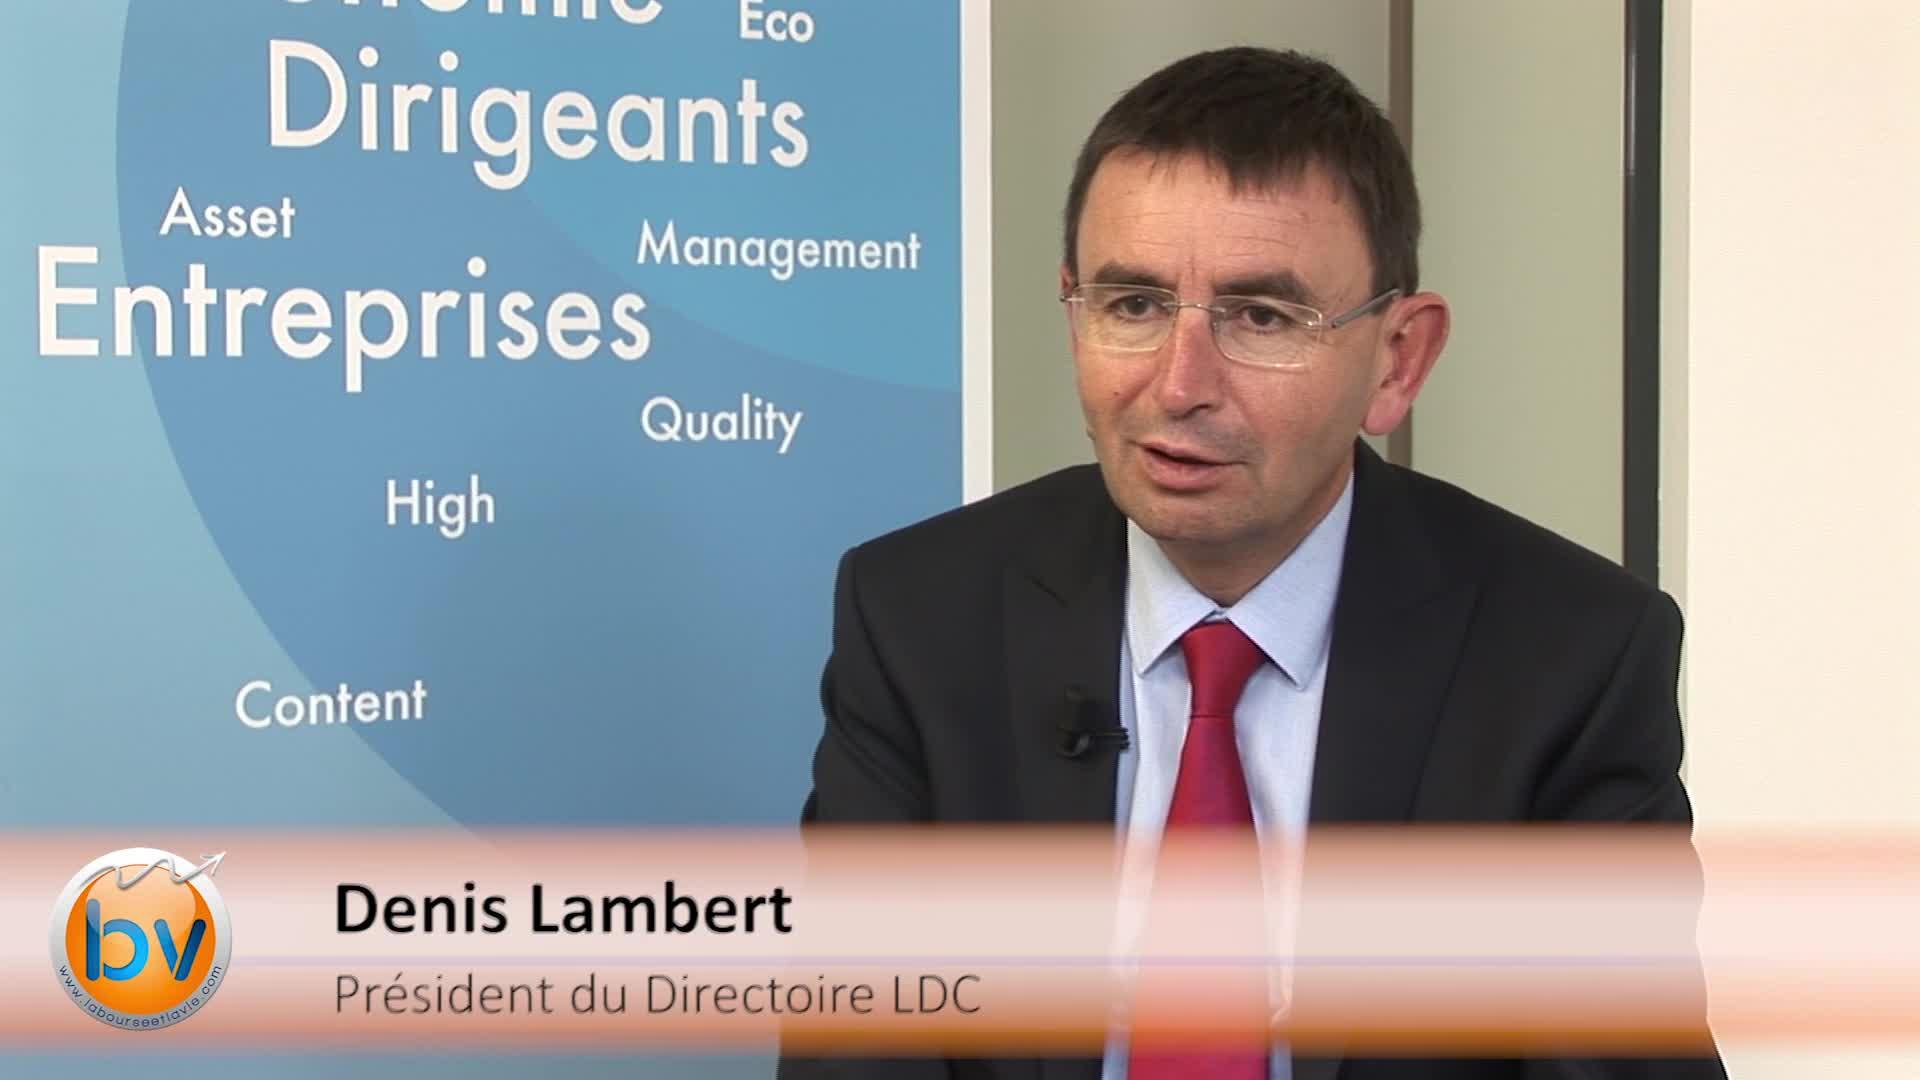 Denis Lambert Pdg LDC : «Nous sommes confiants sur notre capacité pour lutter face à nos partenaires européens» (Compétitivité)